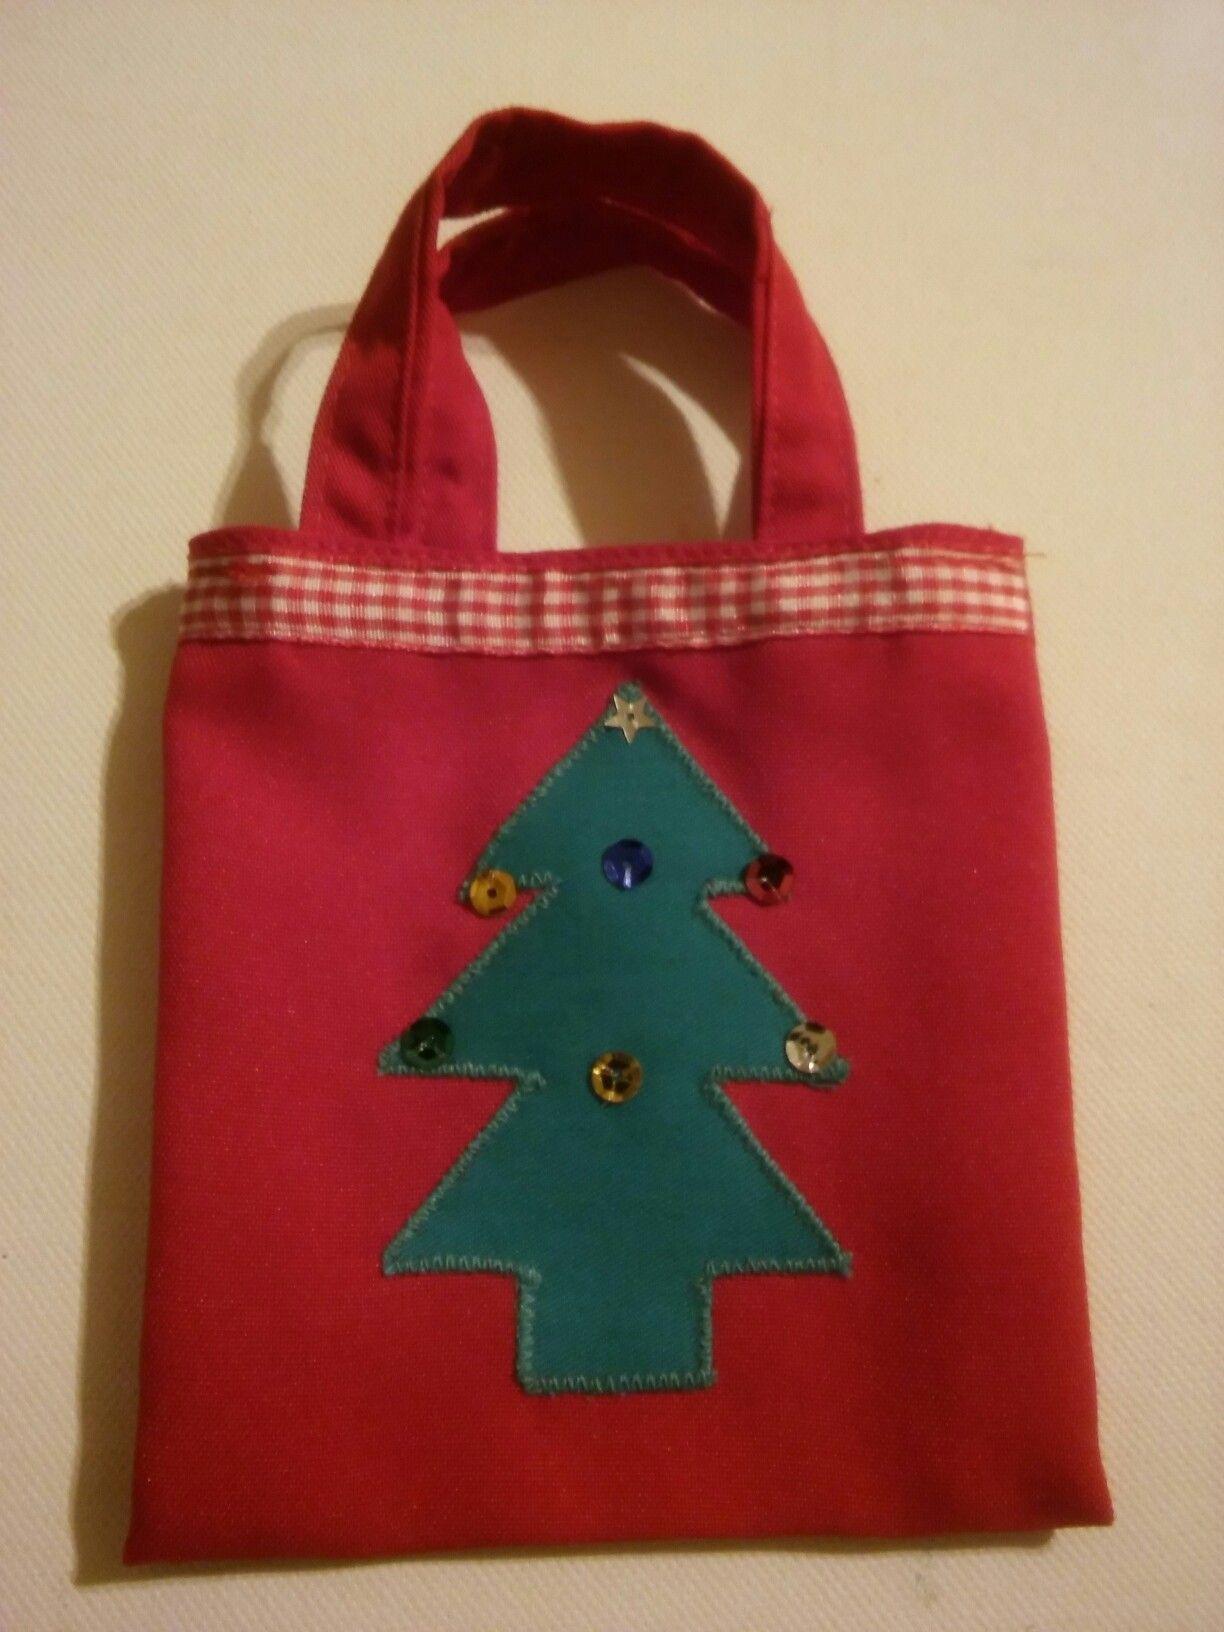 Small Xmas gift bag, Christmas tree design.